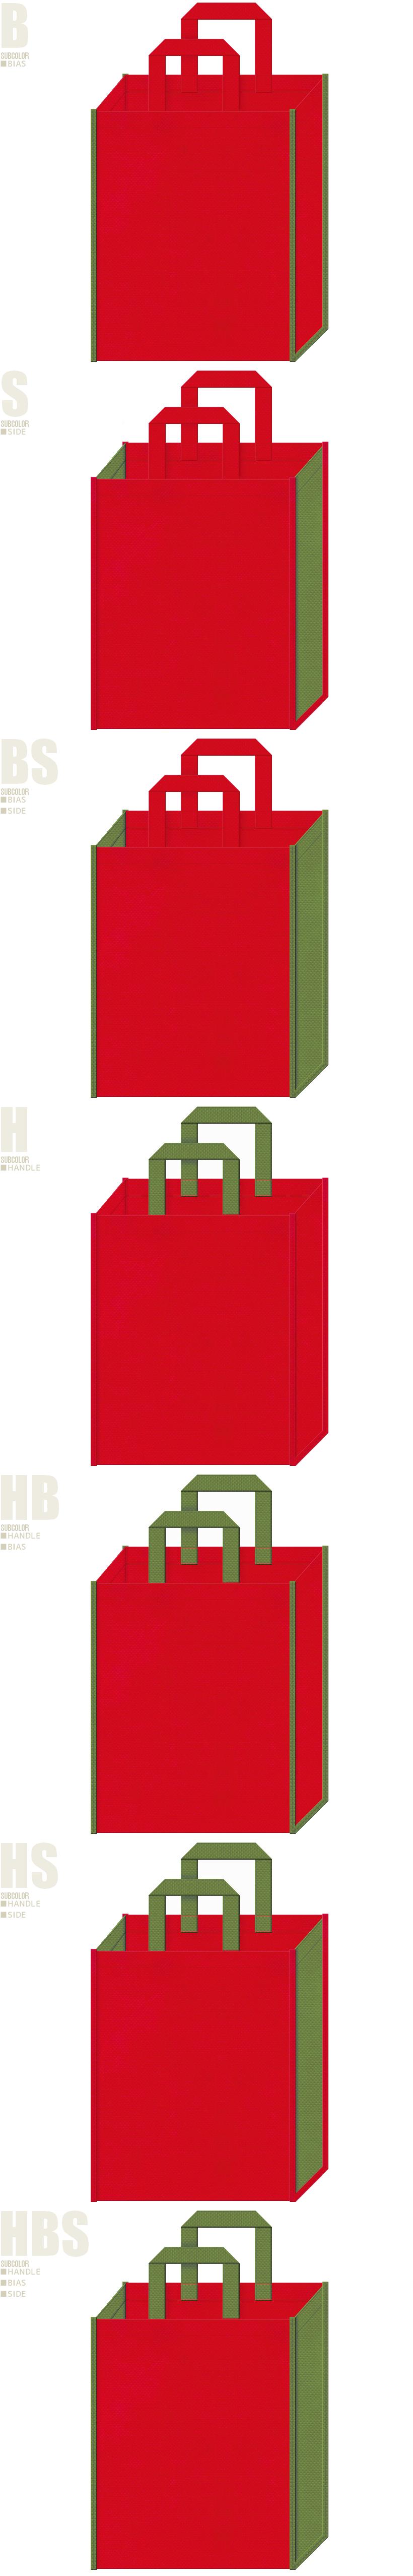 不織布トートバッグのデザイン:茶会等の和風催事にお奨めの配色です。